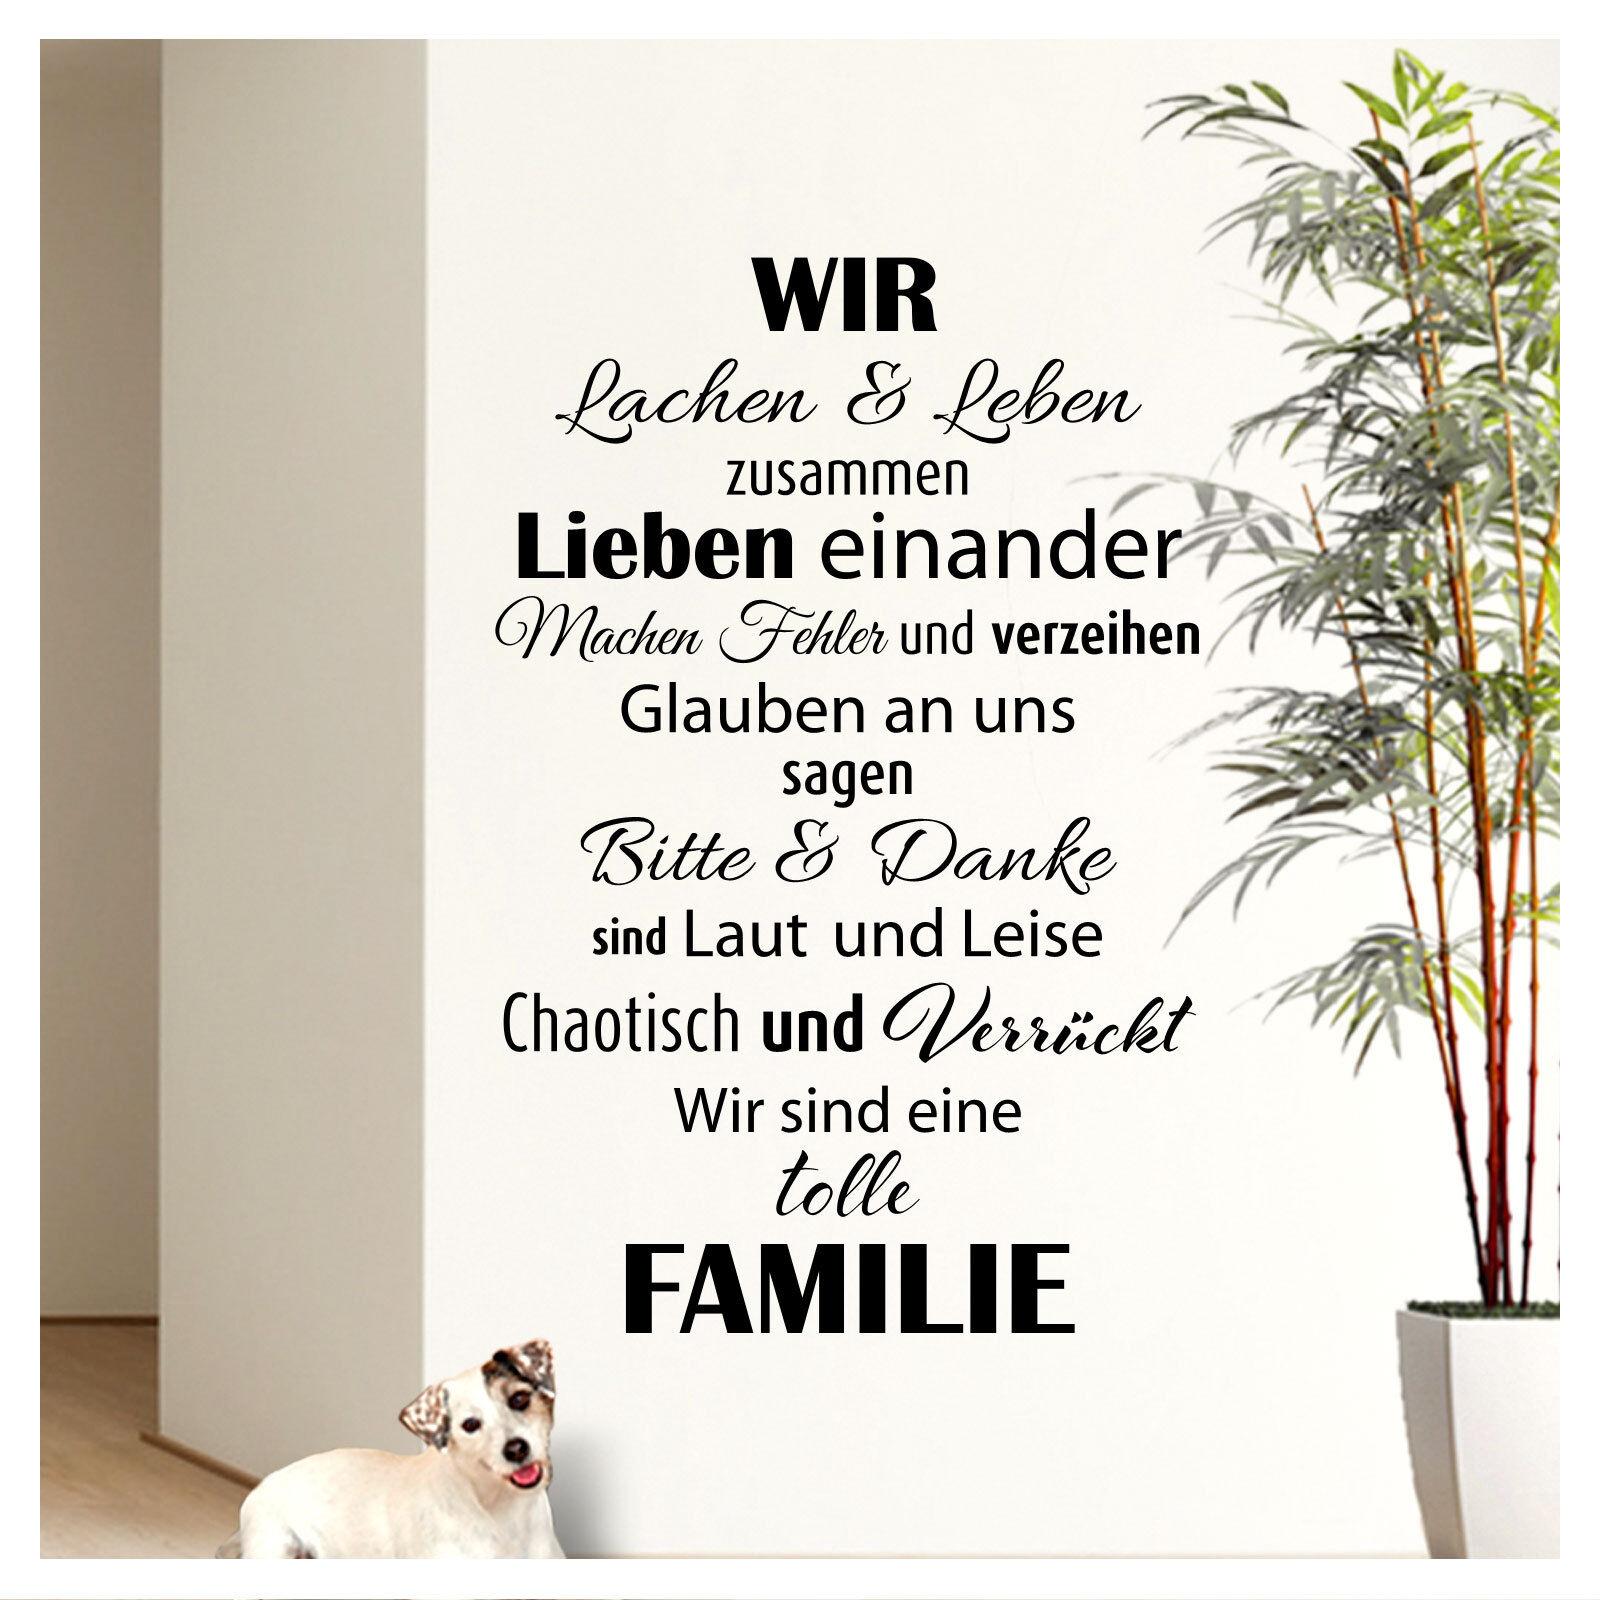 Wandtattoo Wandsticker Wandaufkleber Wohnzimmer Flur Familie Spruch Zitat W3301